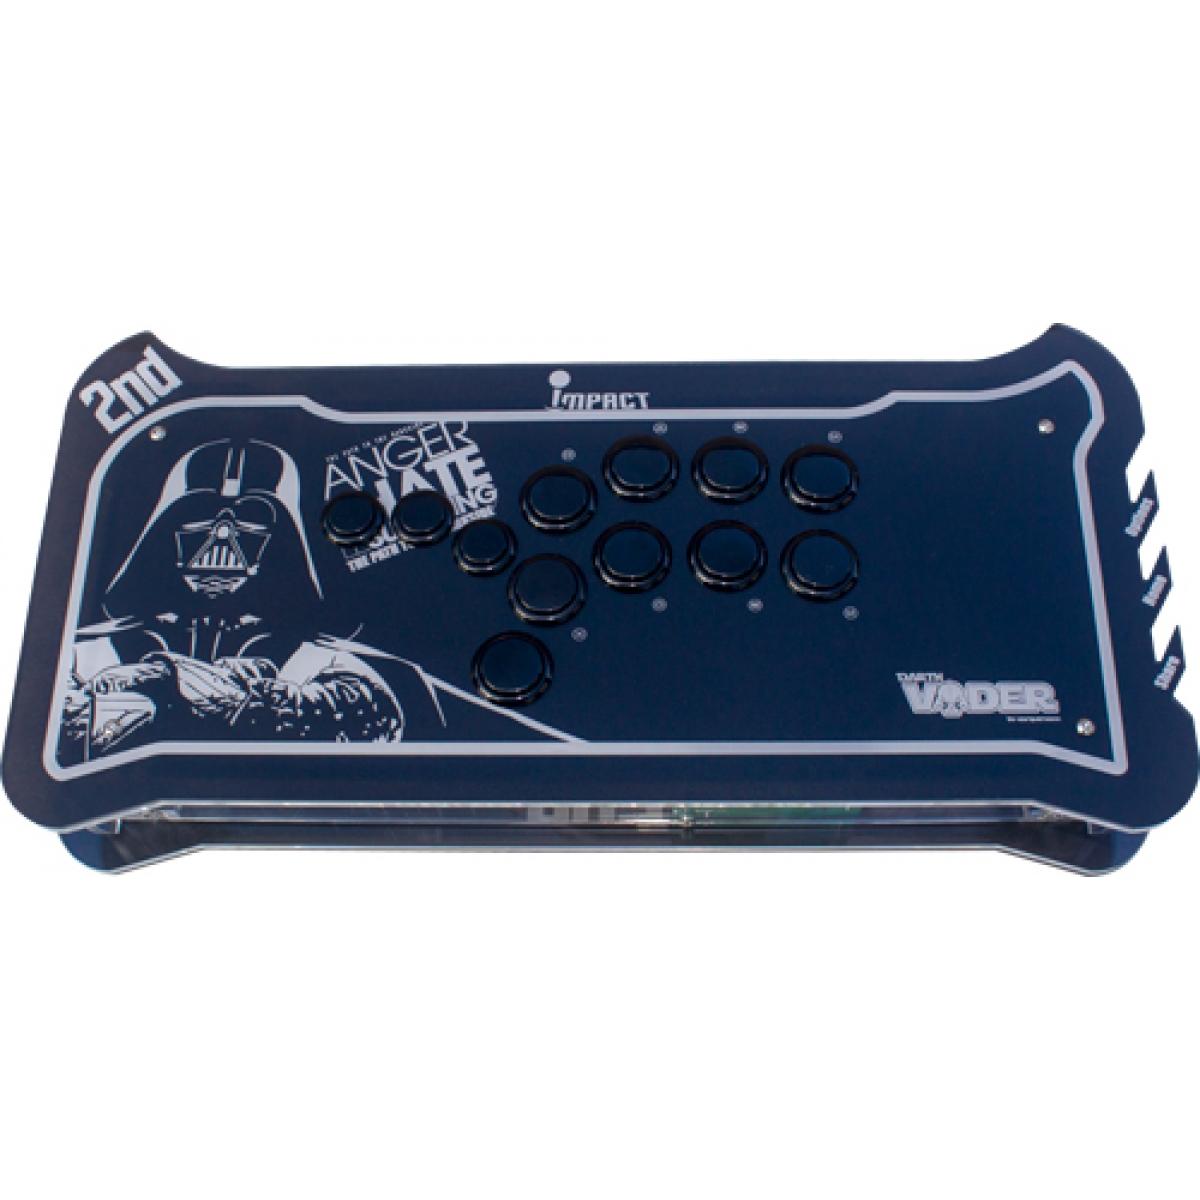 Controle Arcade para PC, PS3 e PS4 2ND Impact Hitbox Darth Vader Full Acrílico